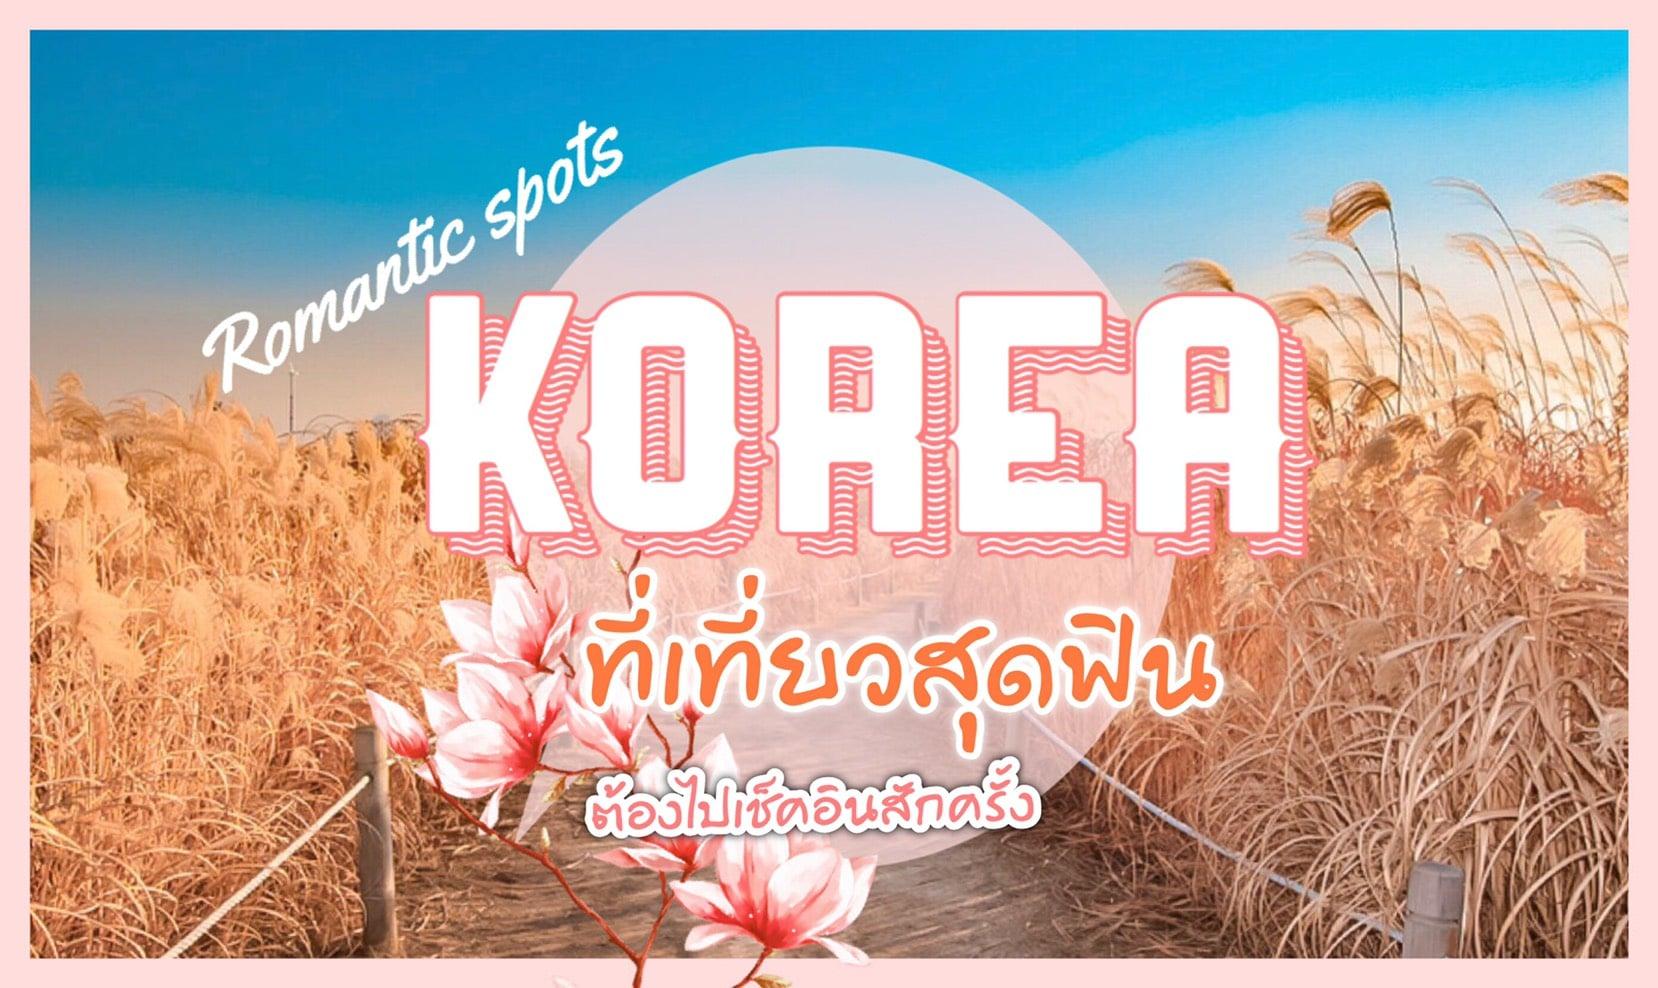 ทัวร์เกาหลี – ที่เที่ยวเกาหลีสุดฟิน ที่ชีวิตนี้ต้องไปเช็คอินสักครั้ง